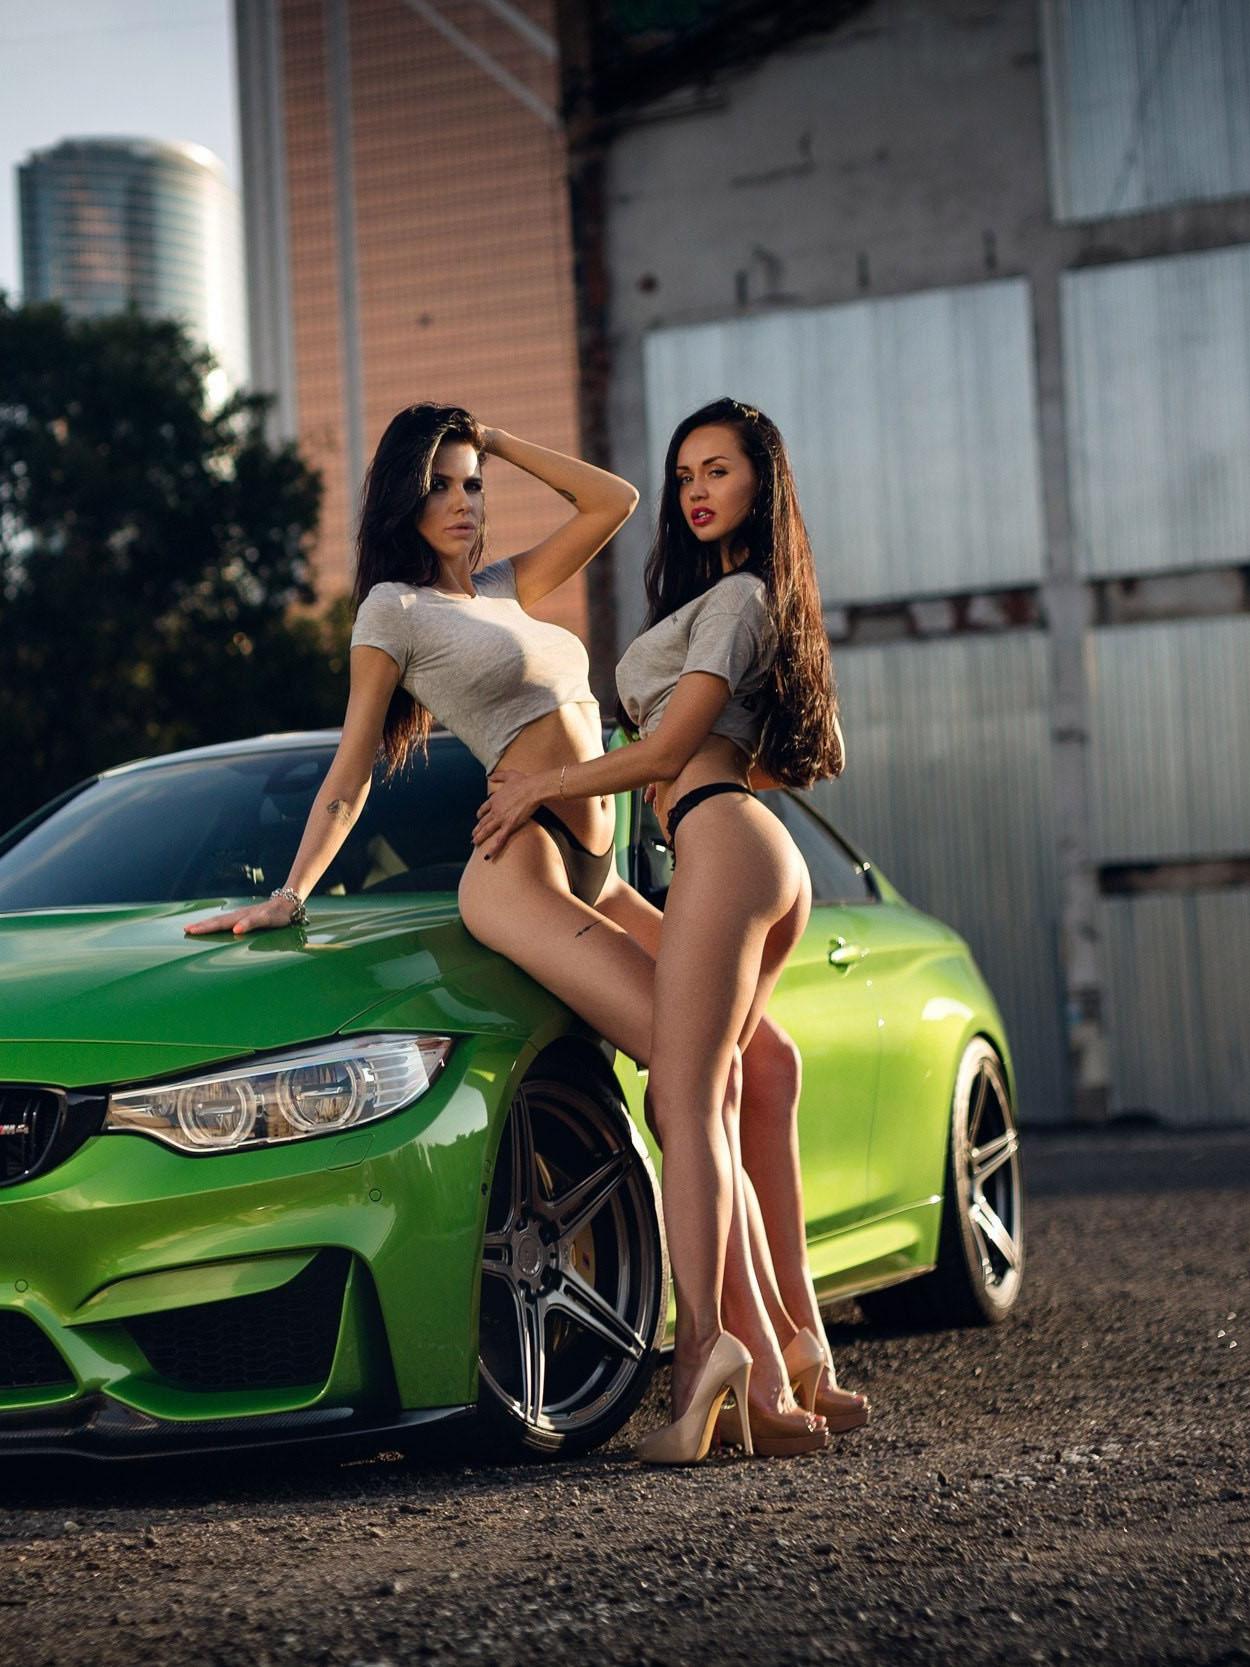 Скачать Обои Девушки Авто